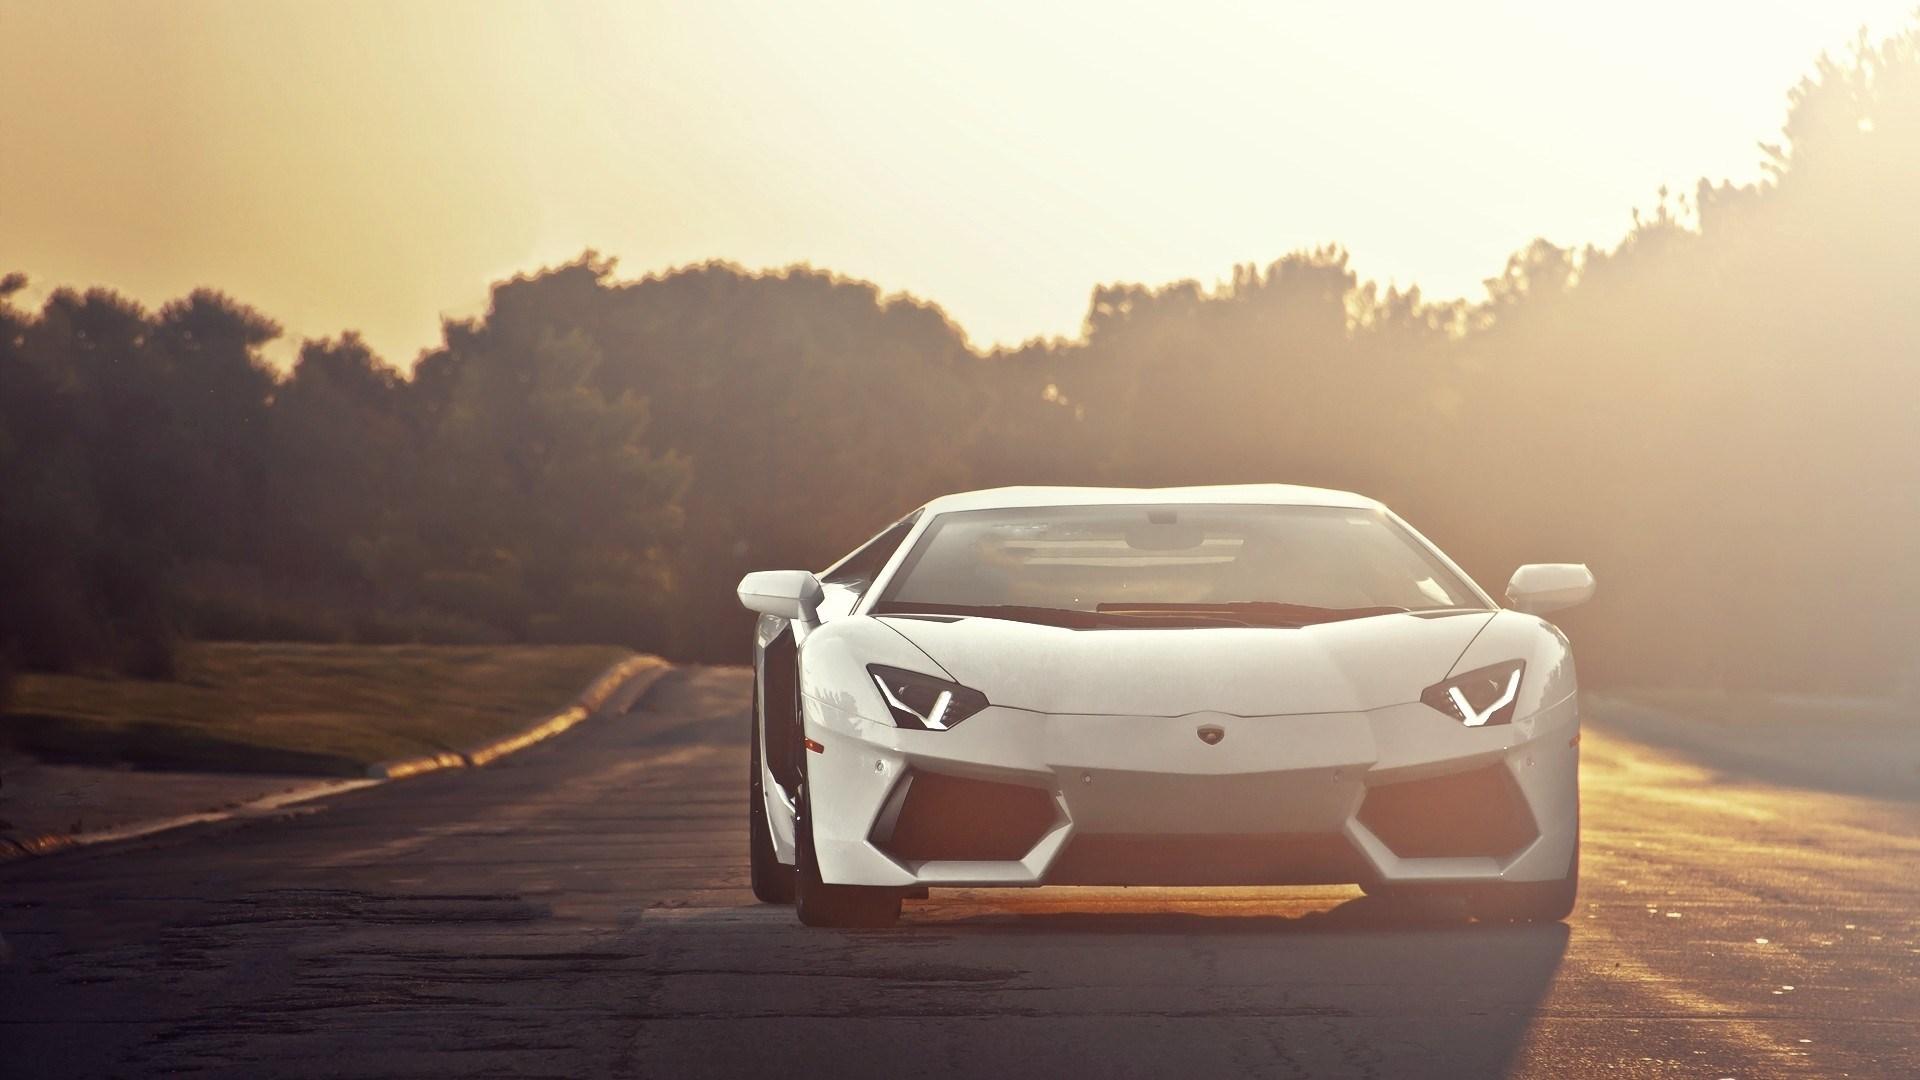 Lamborghini Sun Road